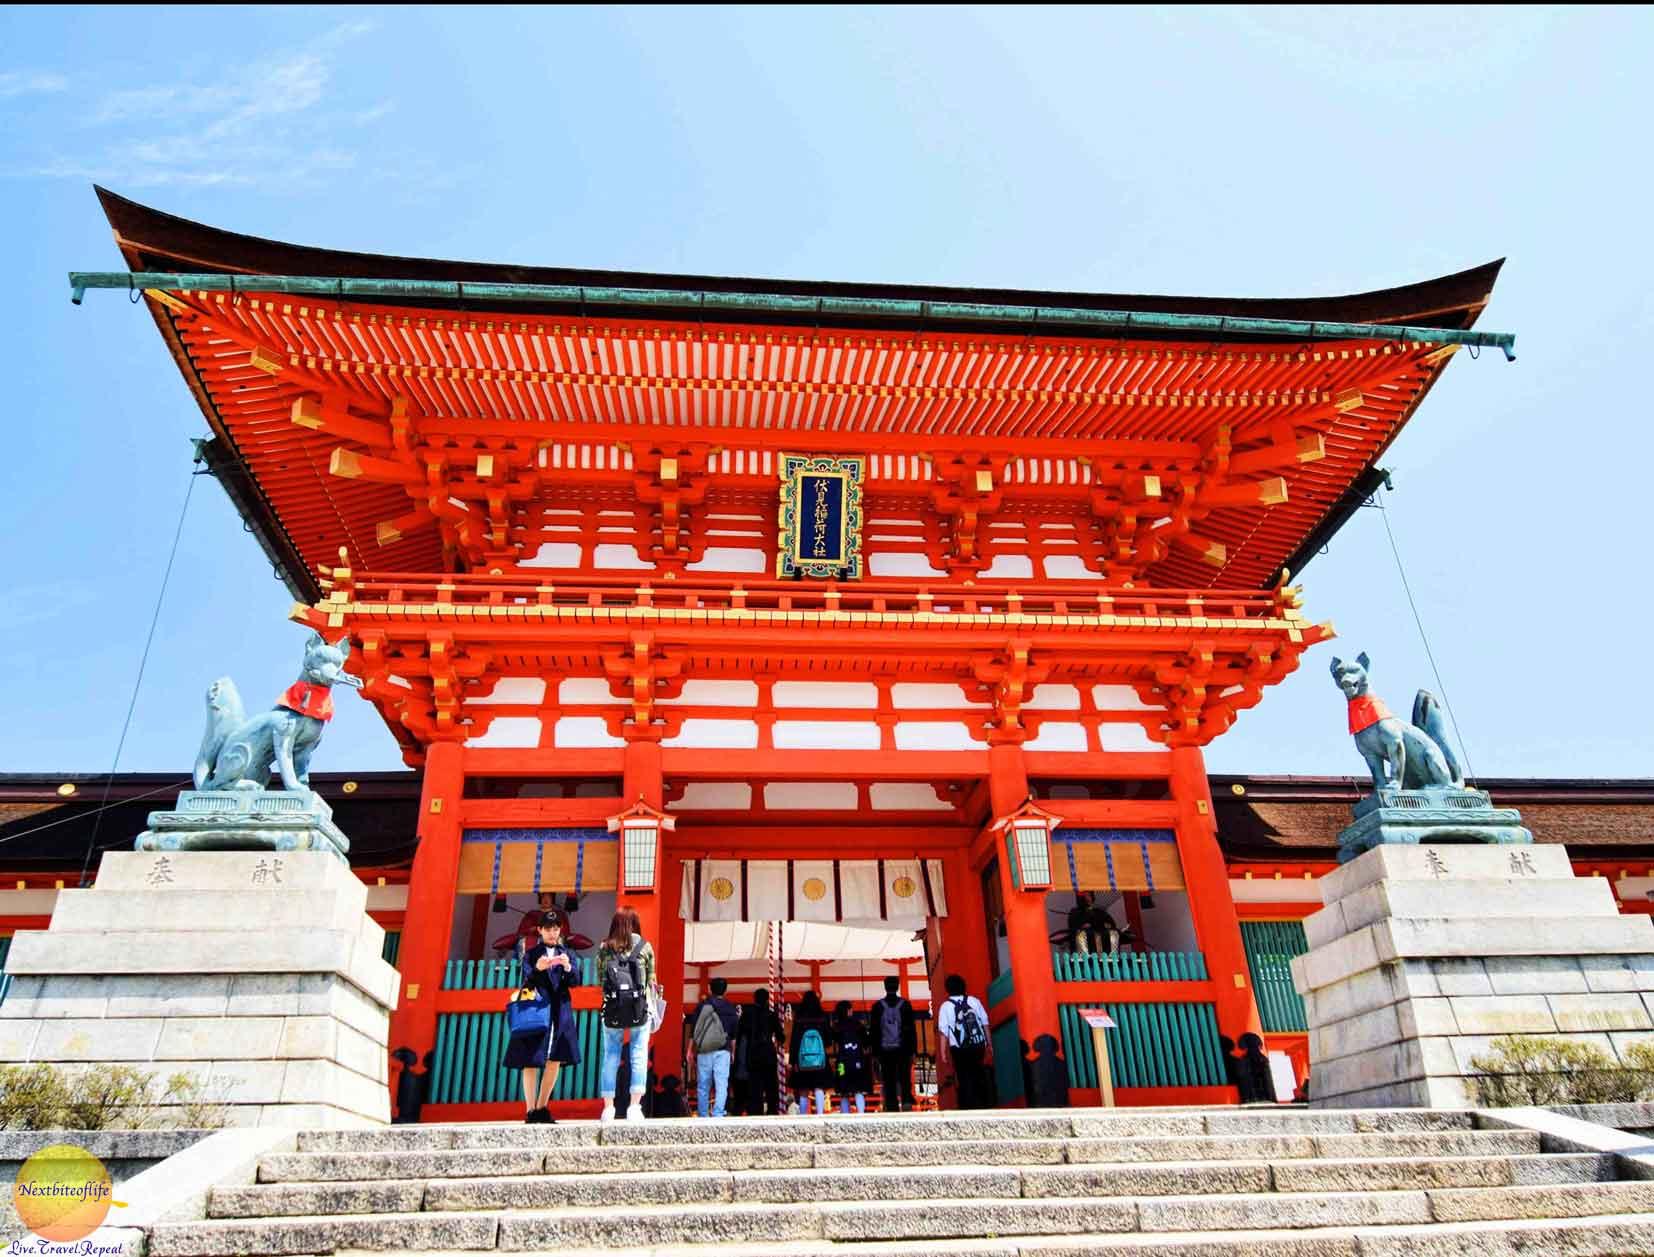 visiting the fushimi inari entrance steps